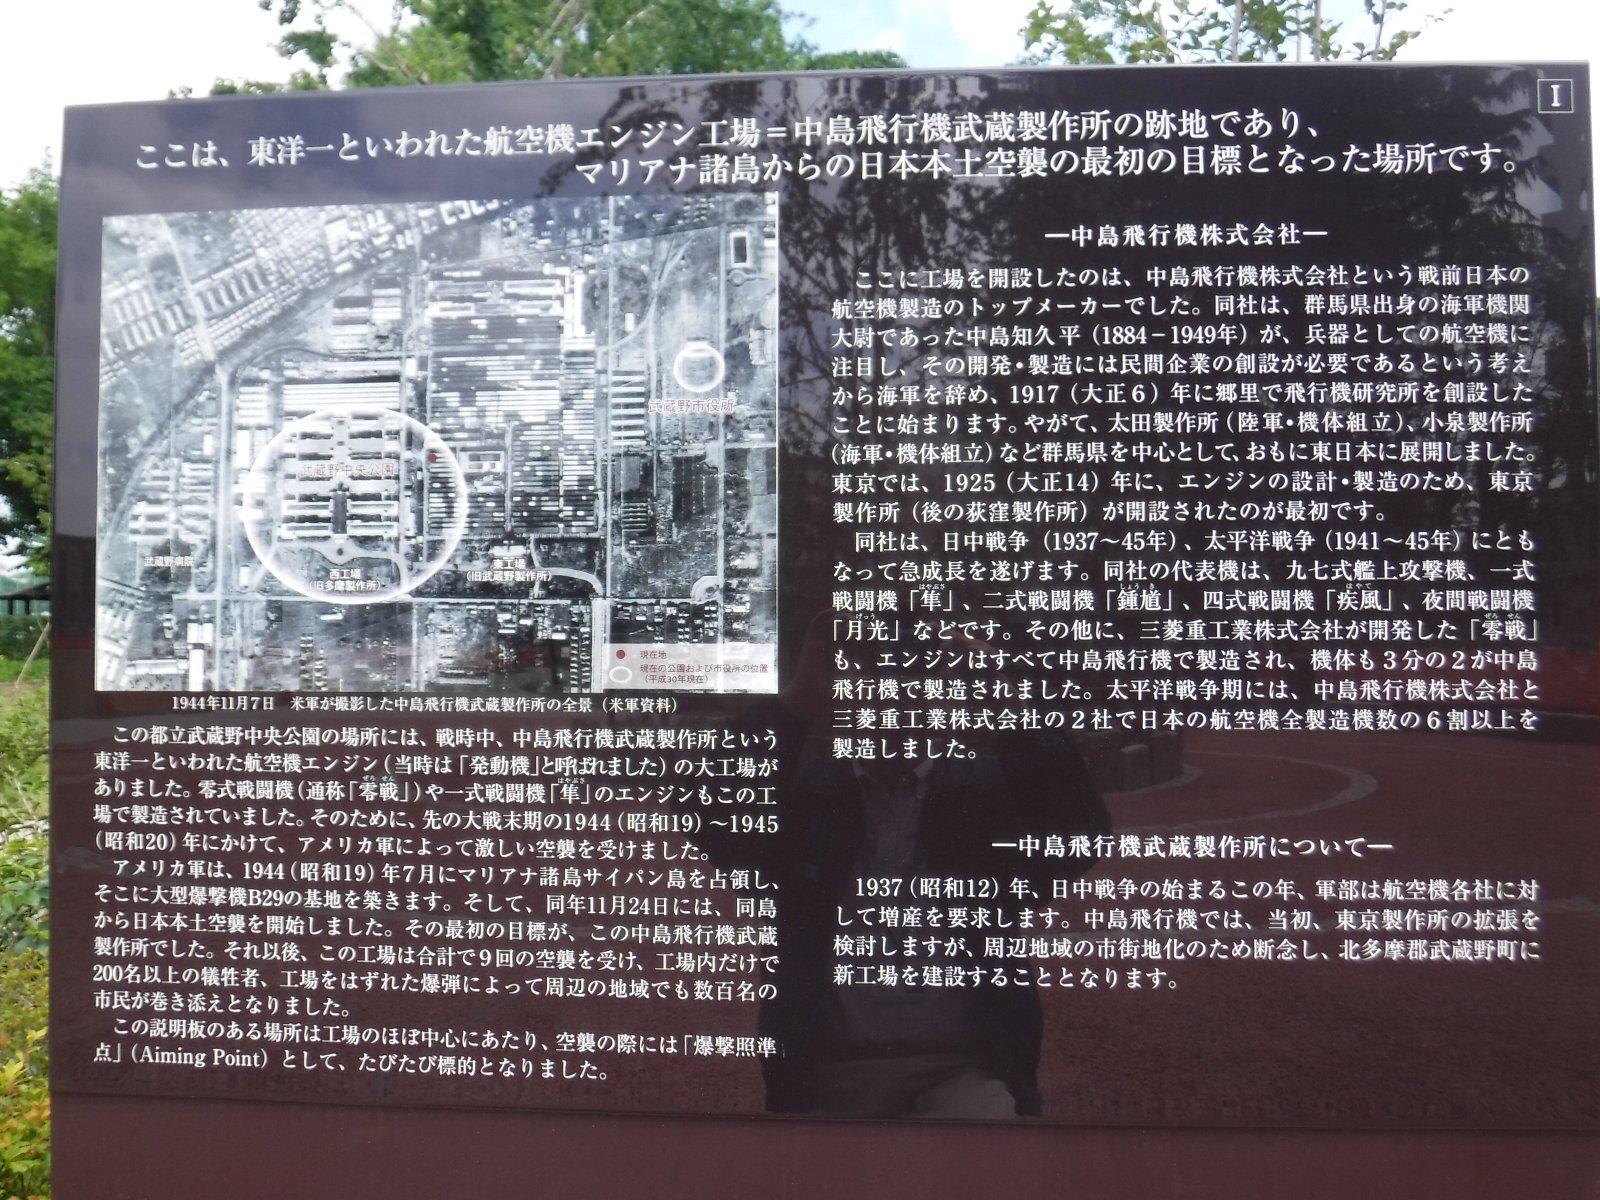 8/19(日)武蔵野中央公園の歴史を振り返る特別企画開催!